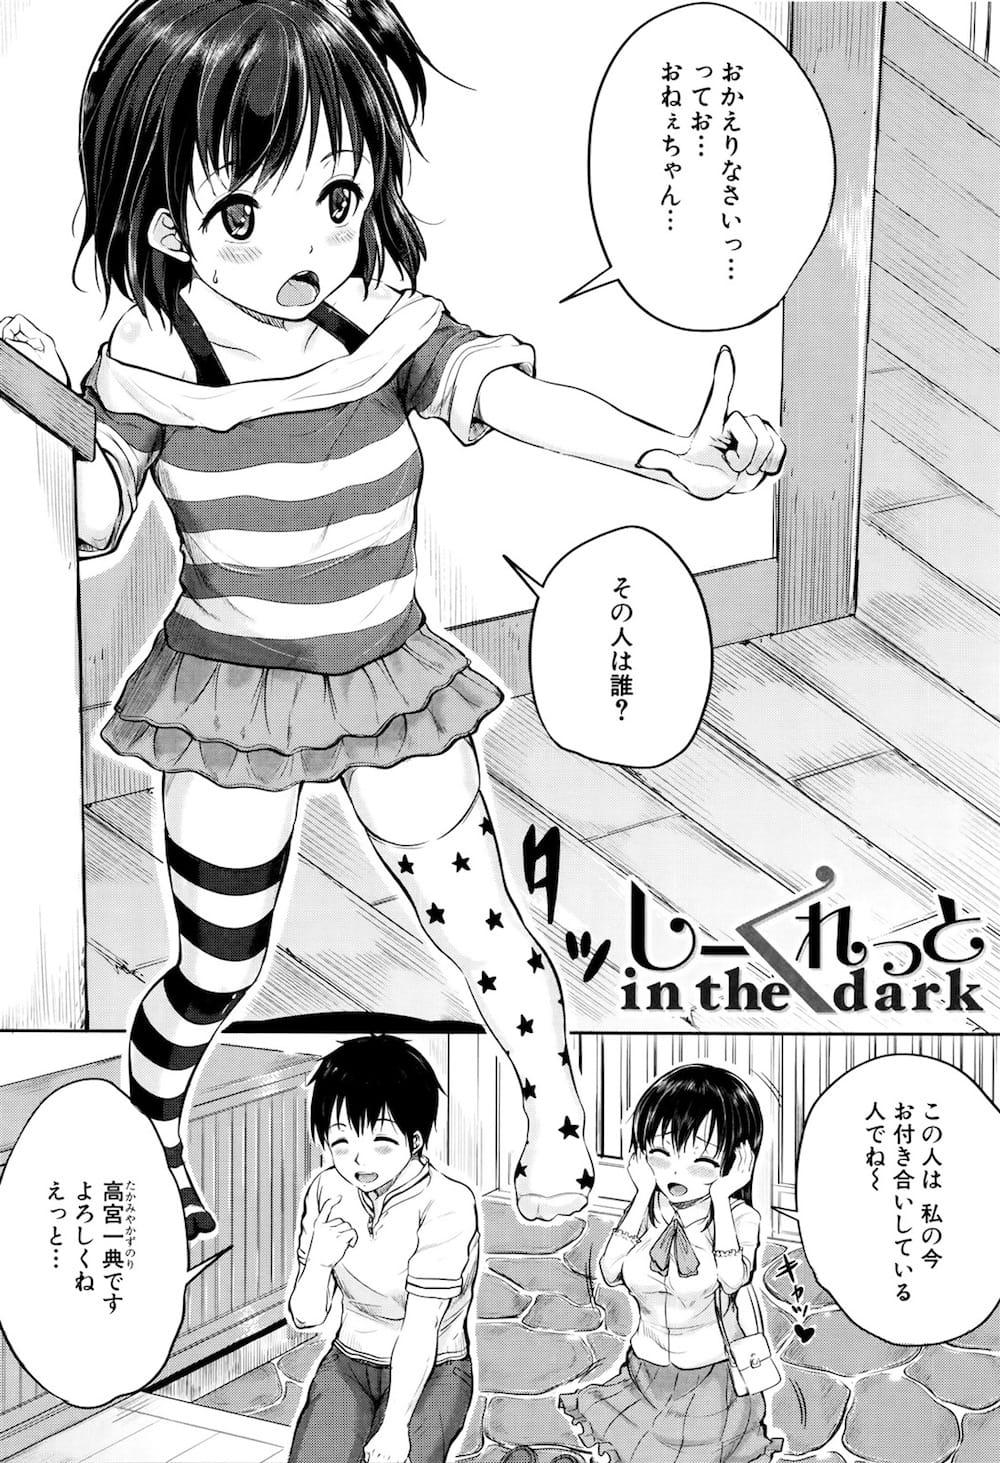 アイドル的可愛さFカップの女子大生 【個人撮影】第48弾